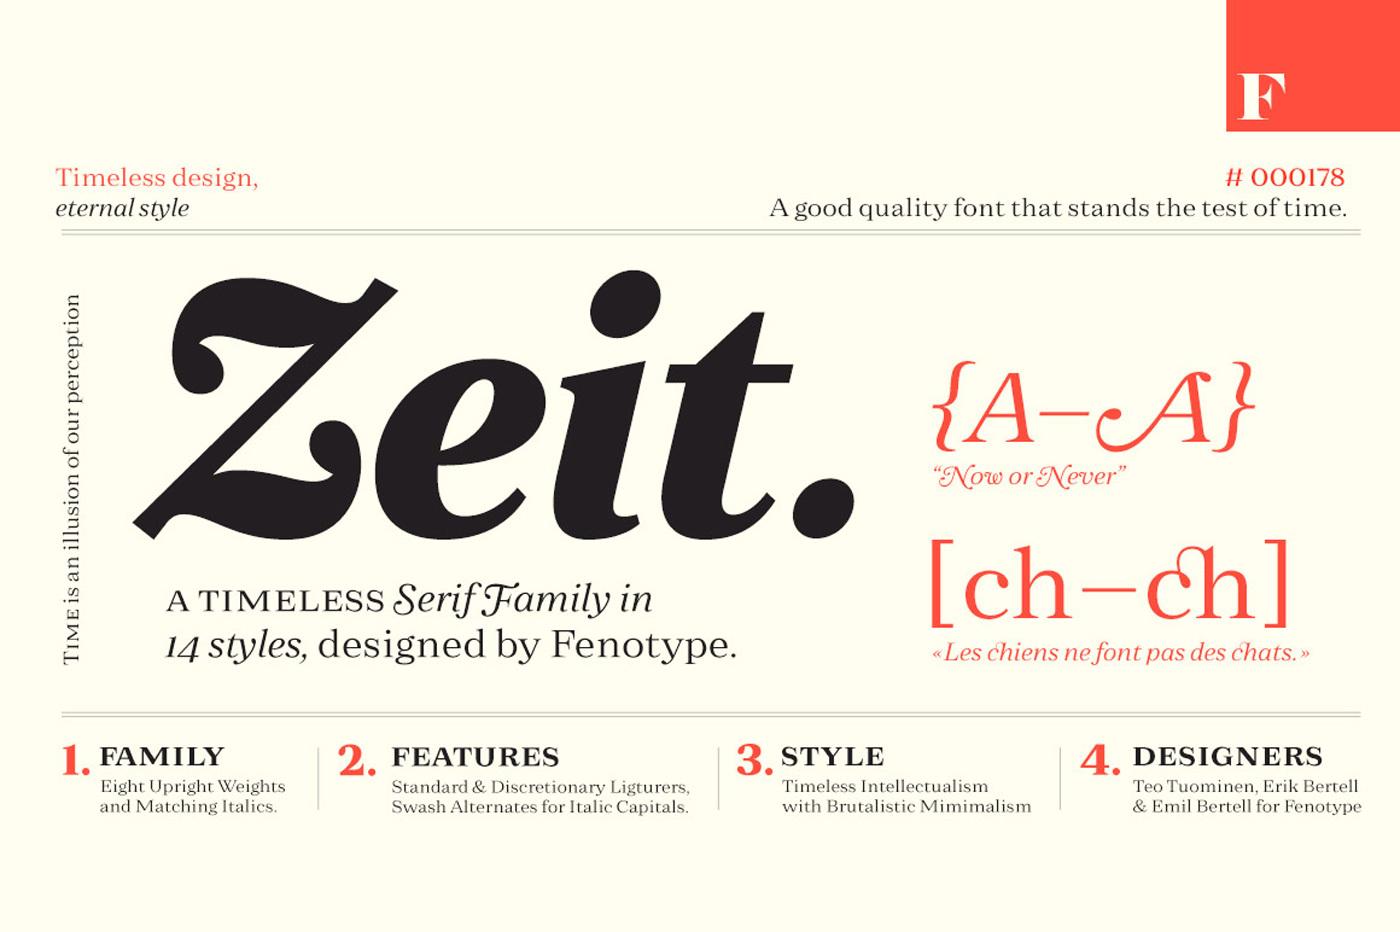 Zeit is an ageless serif font family